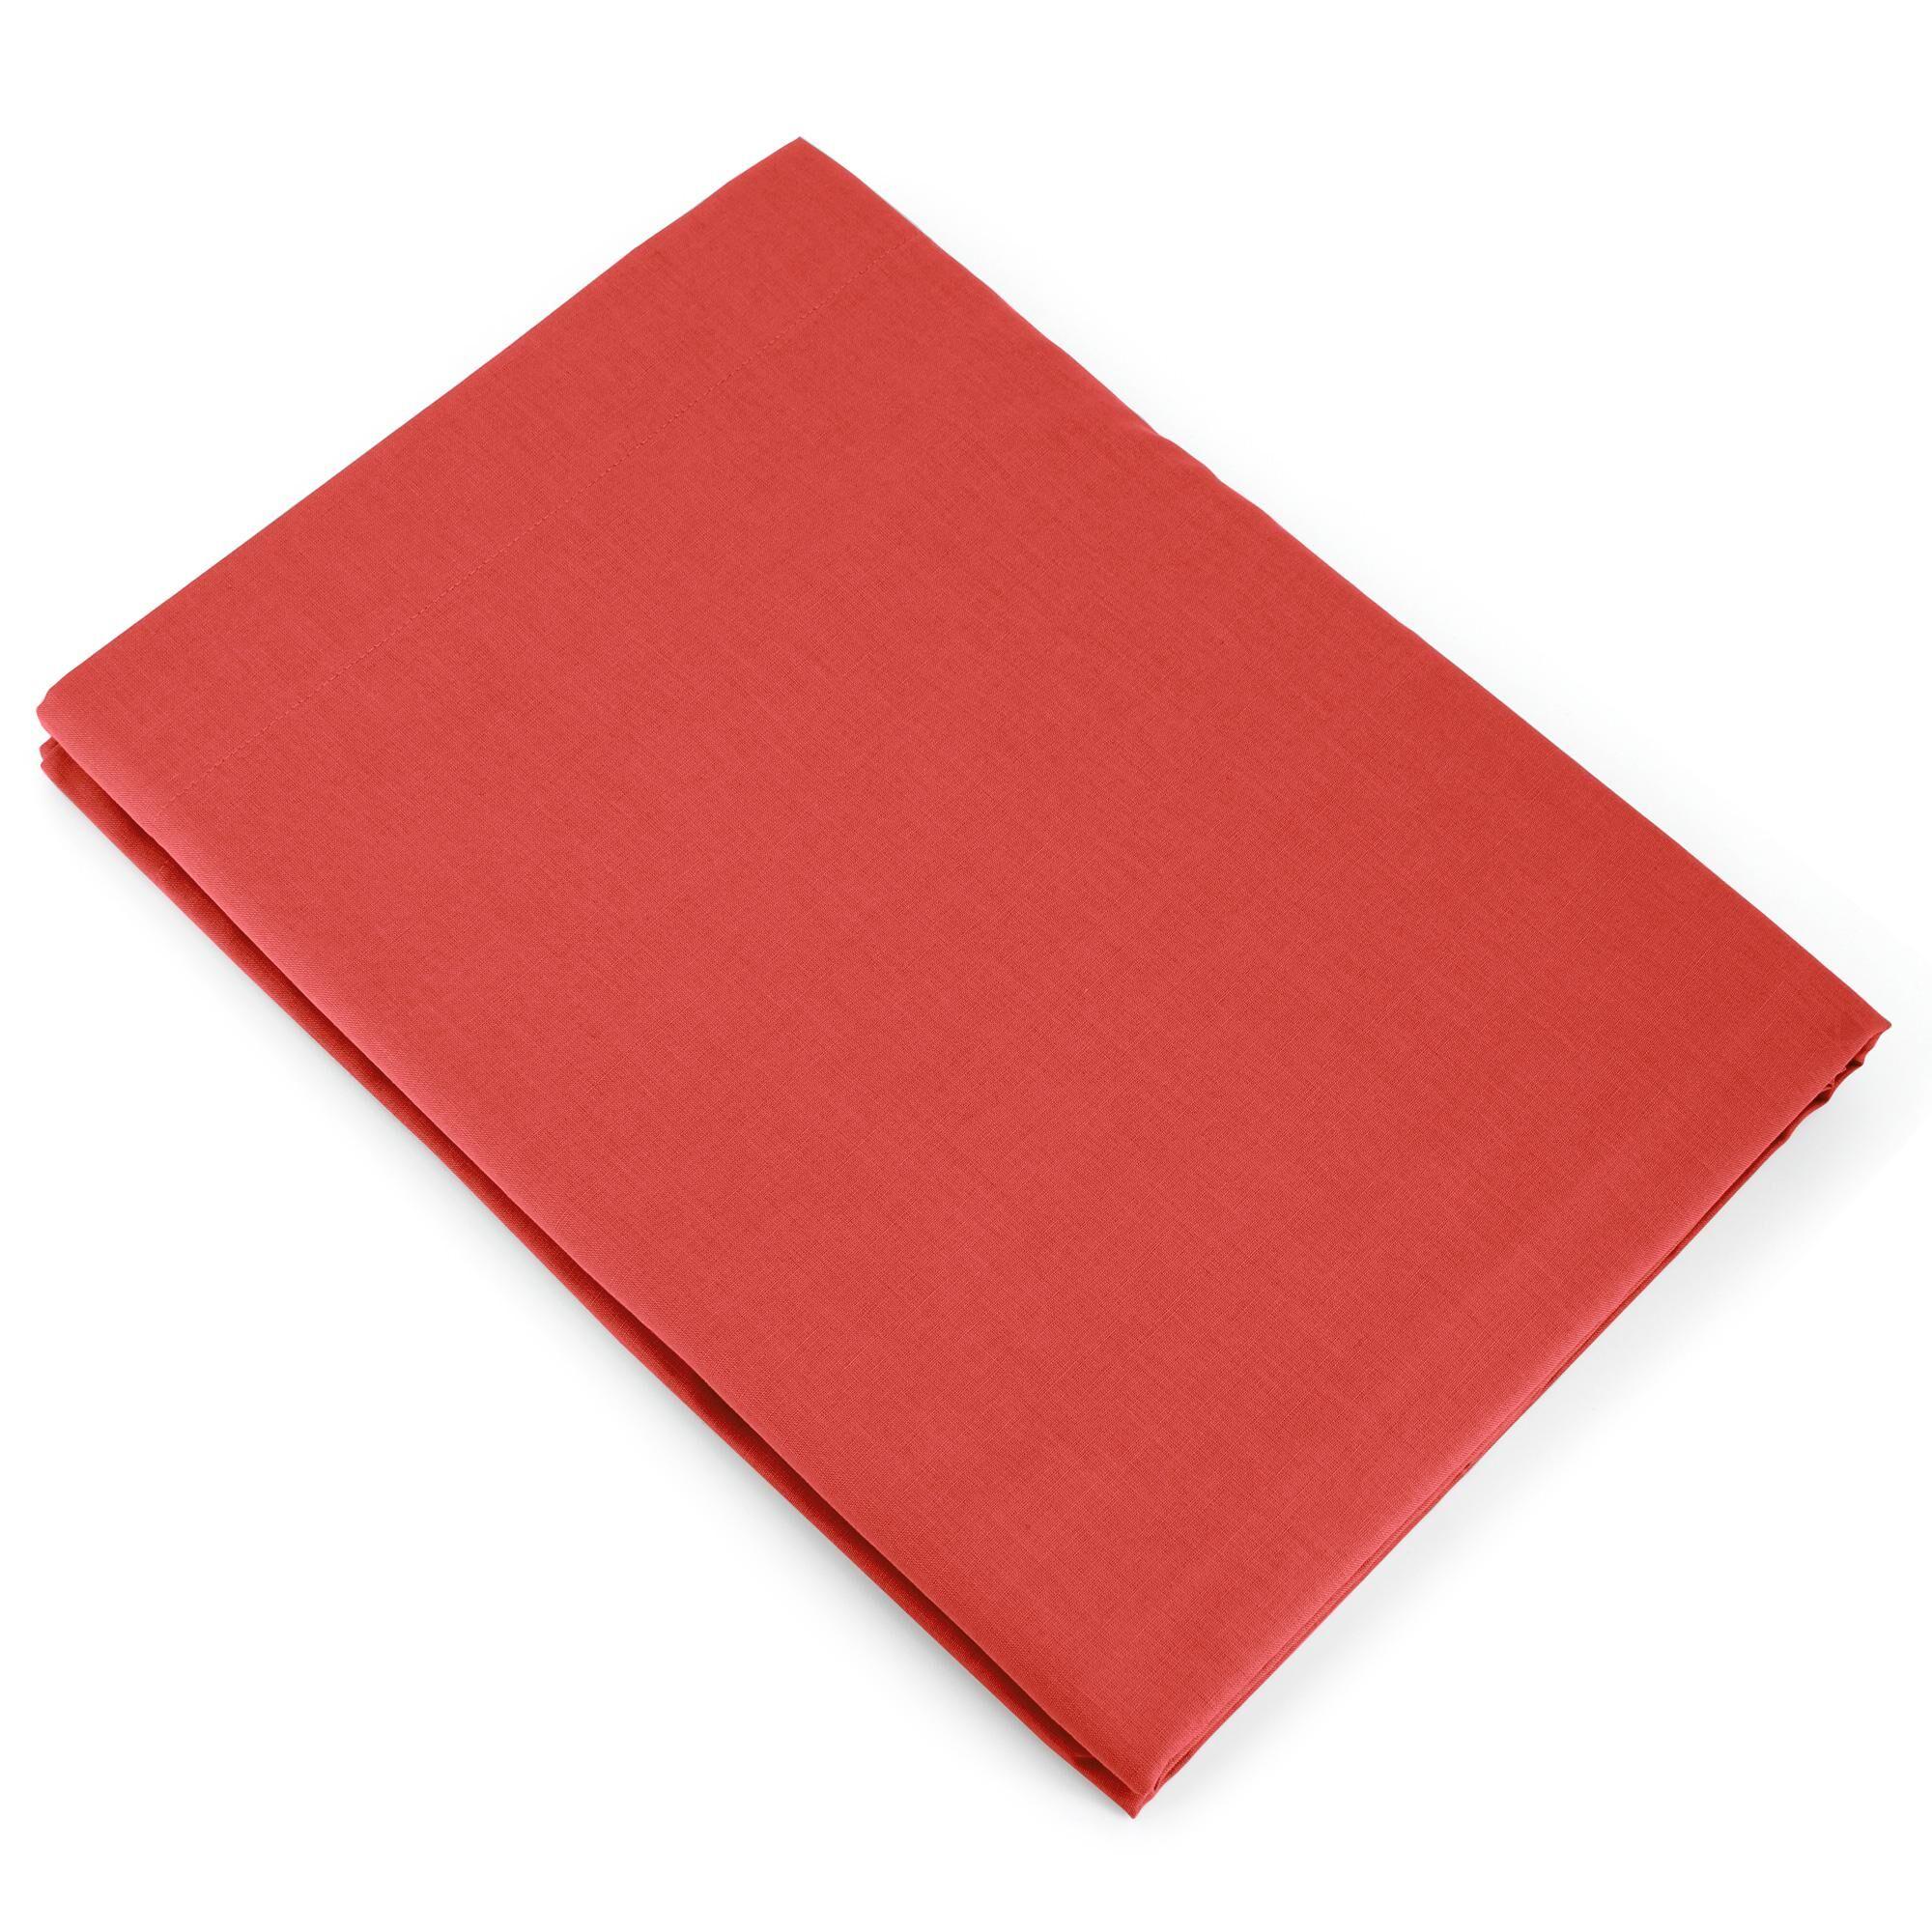 Linnea Drap plat uni 240x310 cm 100% coton ALTO orange Baie de Goji